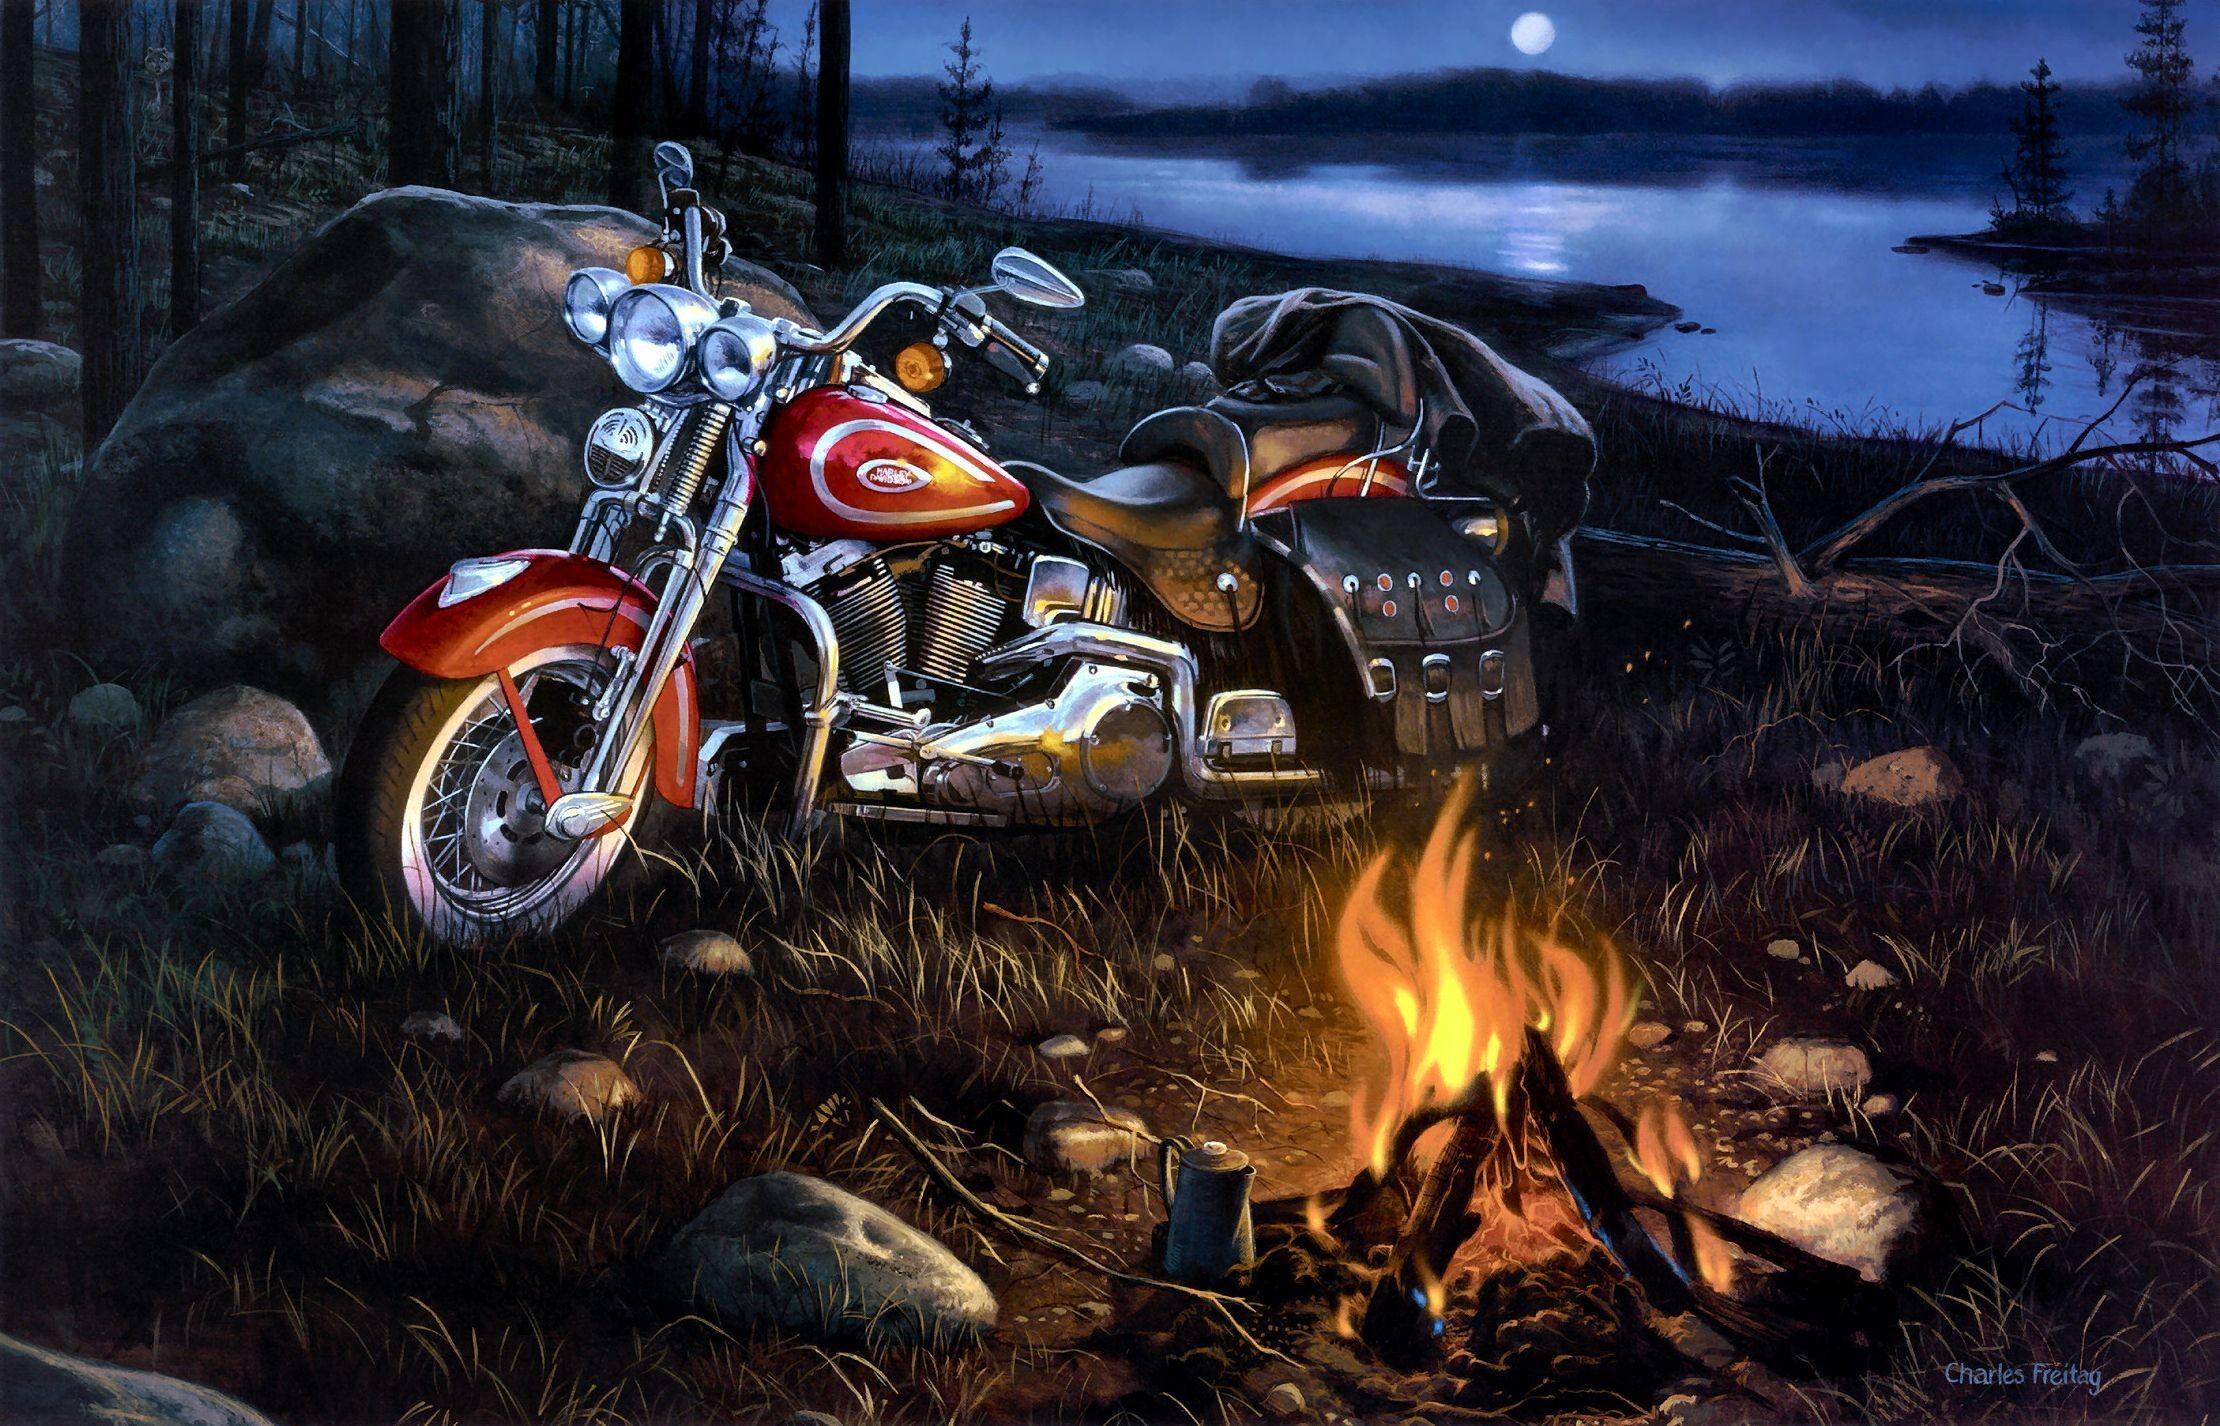 Res: 2220x1426, Desktop harley davidson bike images wallpaper Download 3d HD .